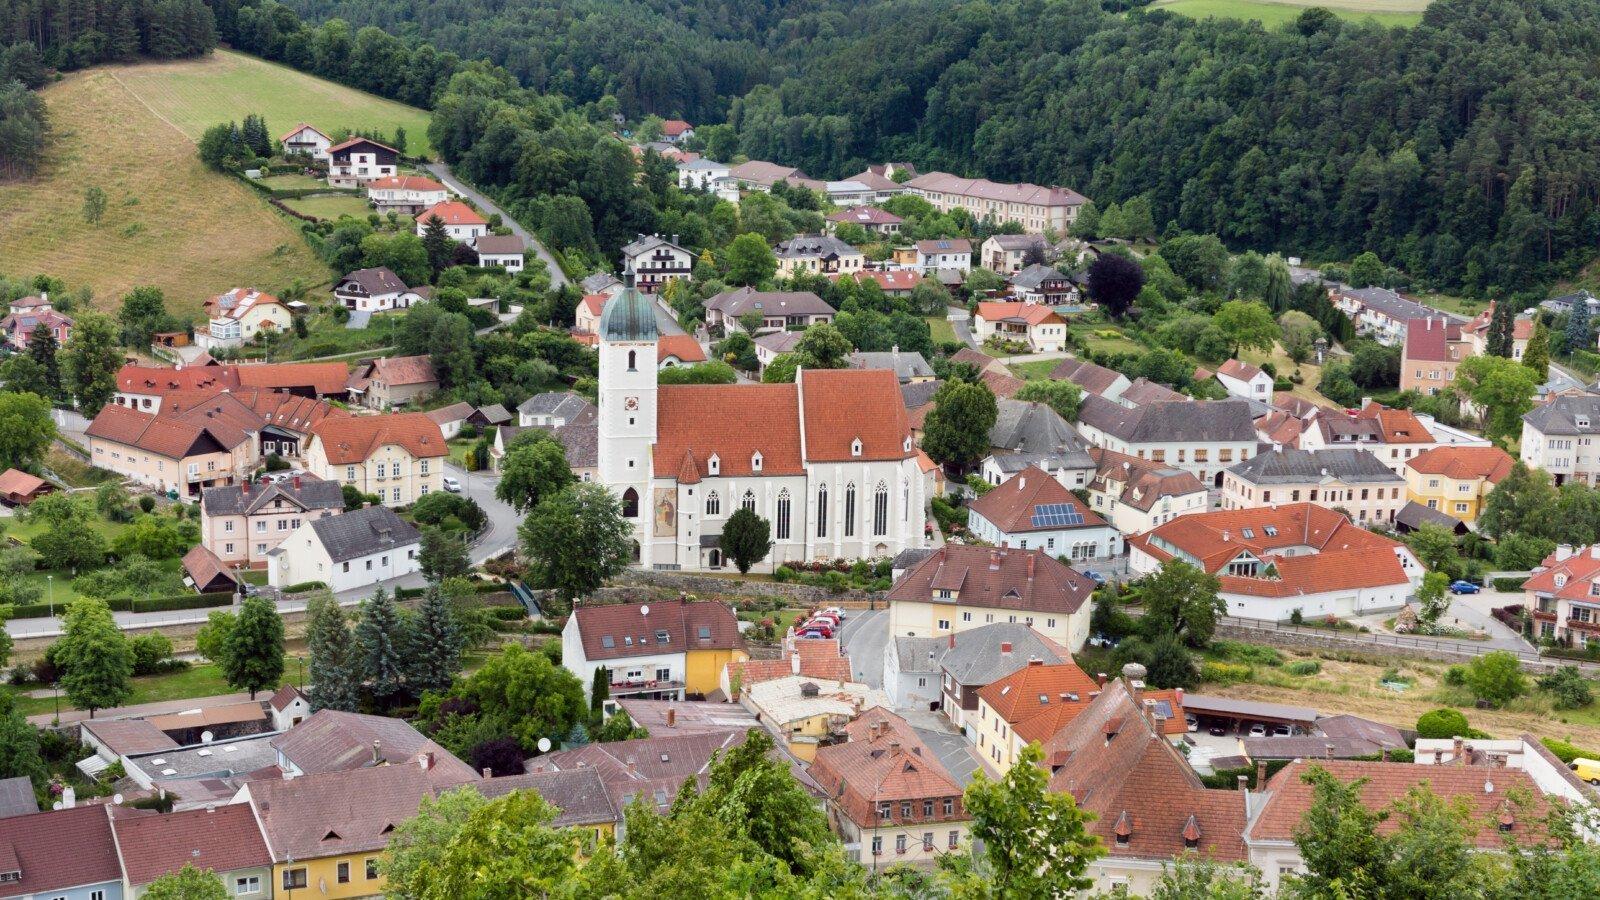 Reinigungsservice Lanzenkirchen Kirchschlag in der buckligen Welt